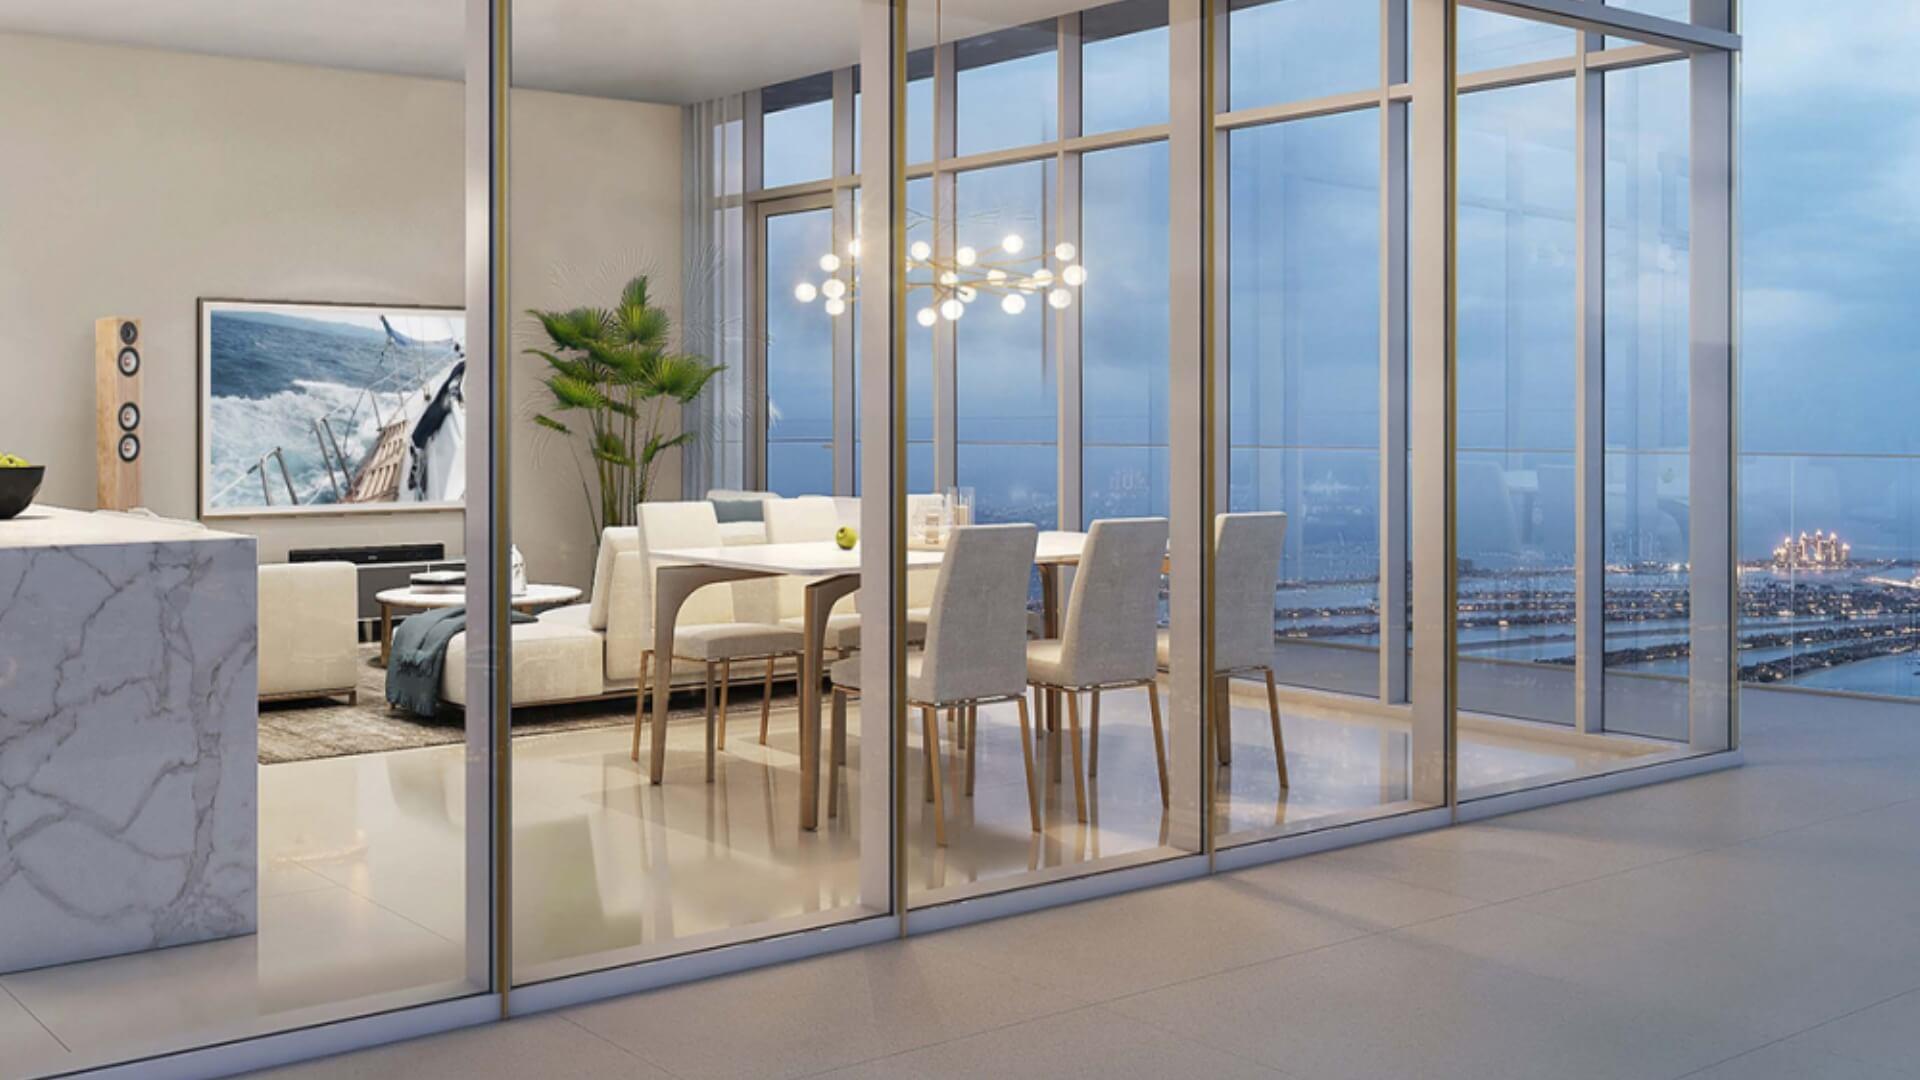 Apartment for sale in Dubai, UAE, 1 bedroom, 68 m2, No. 24297 – photo 1